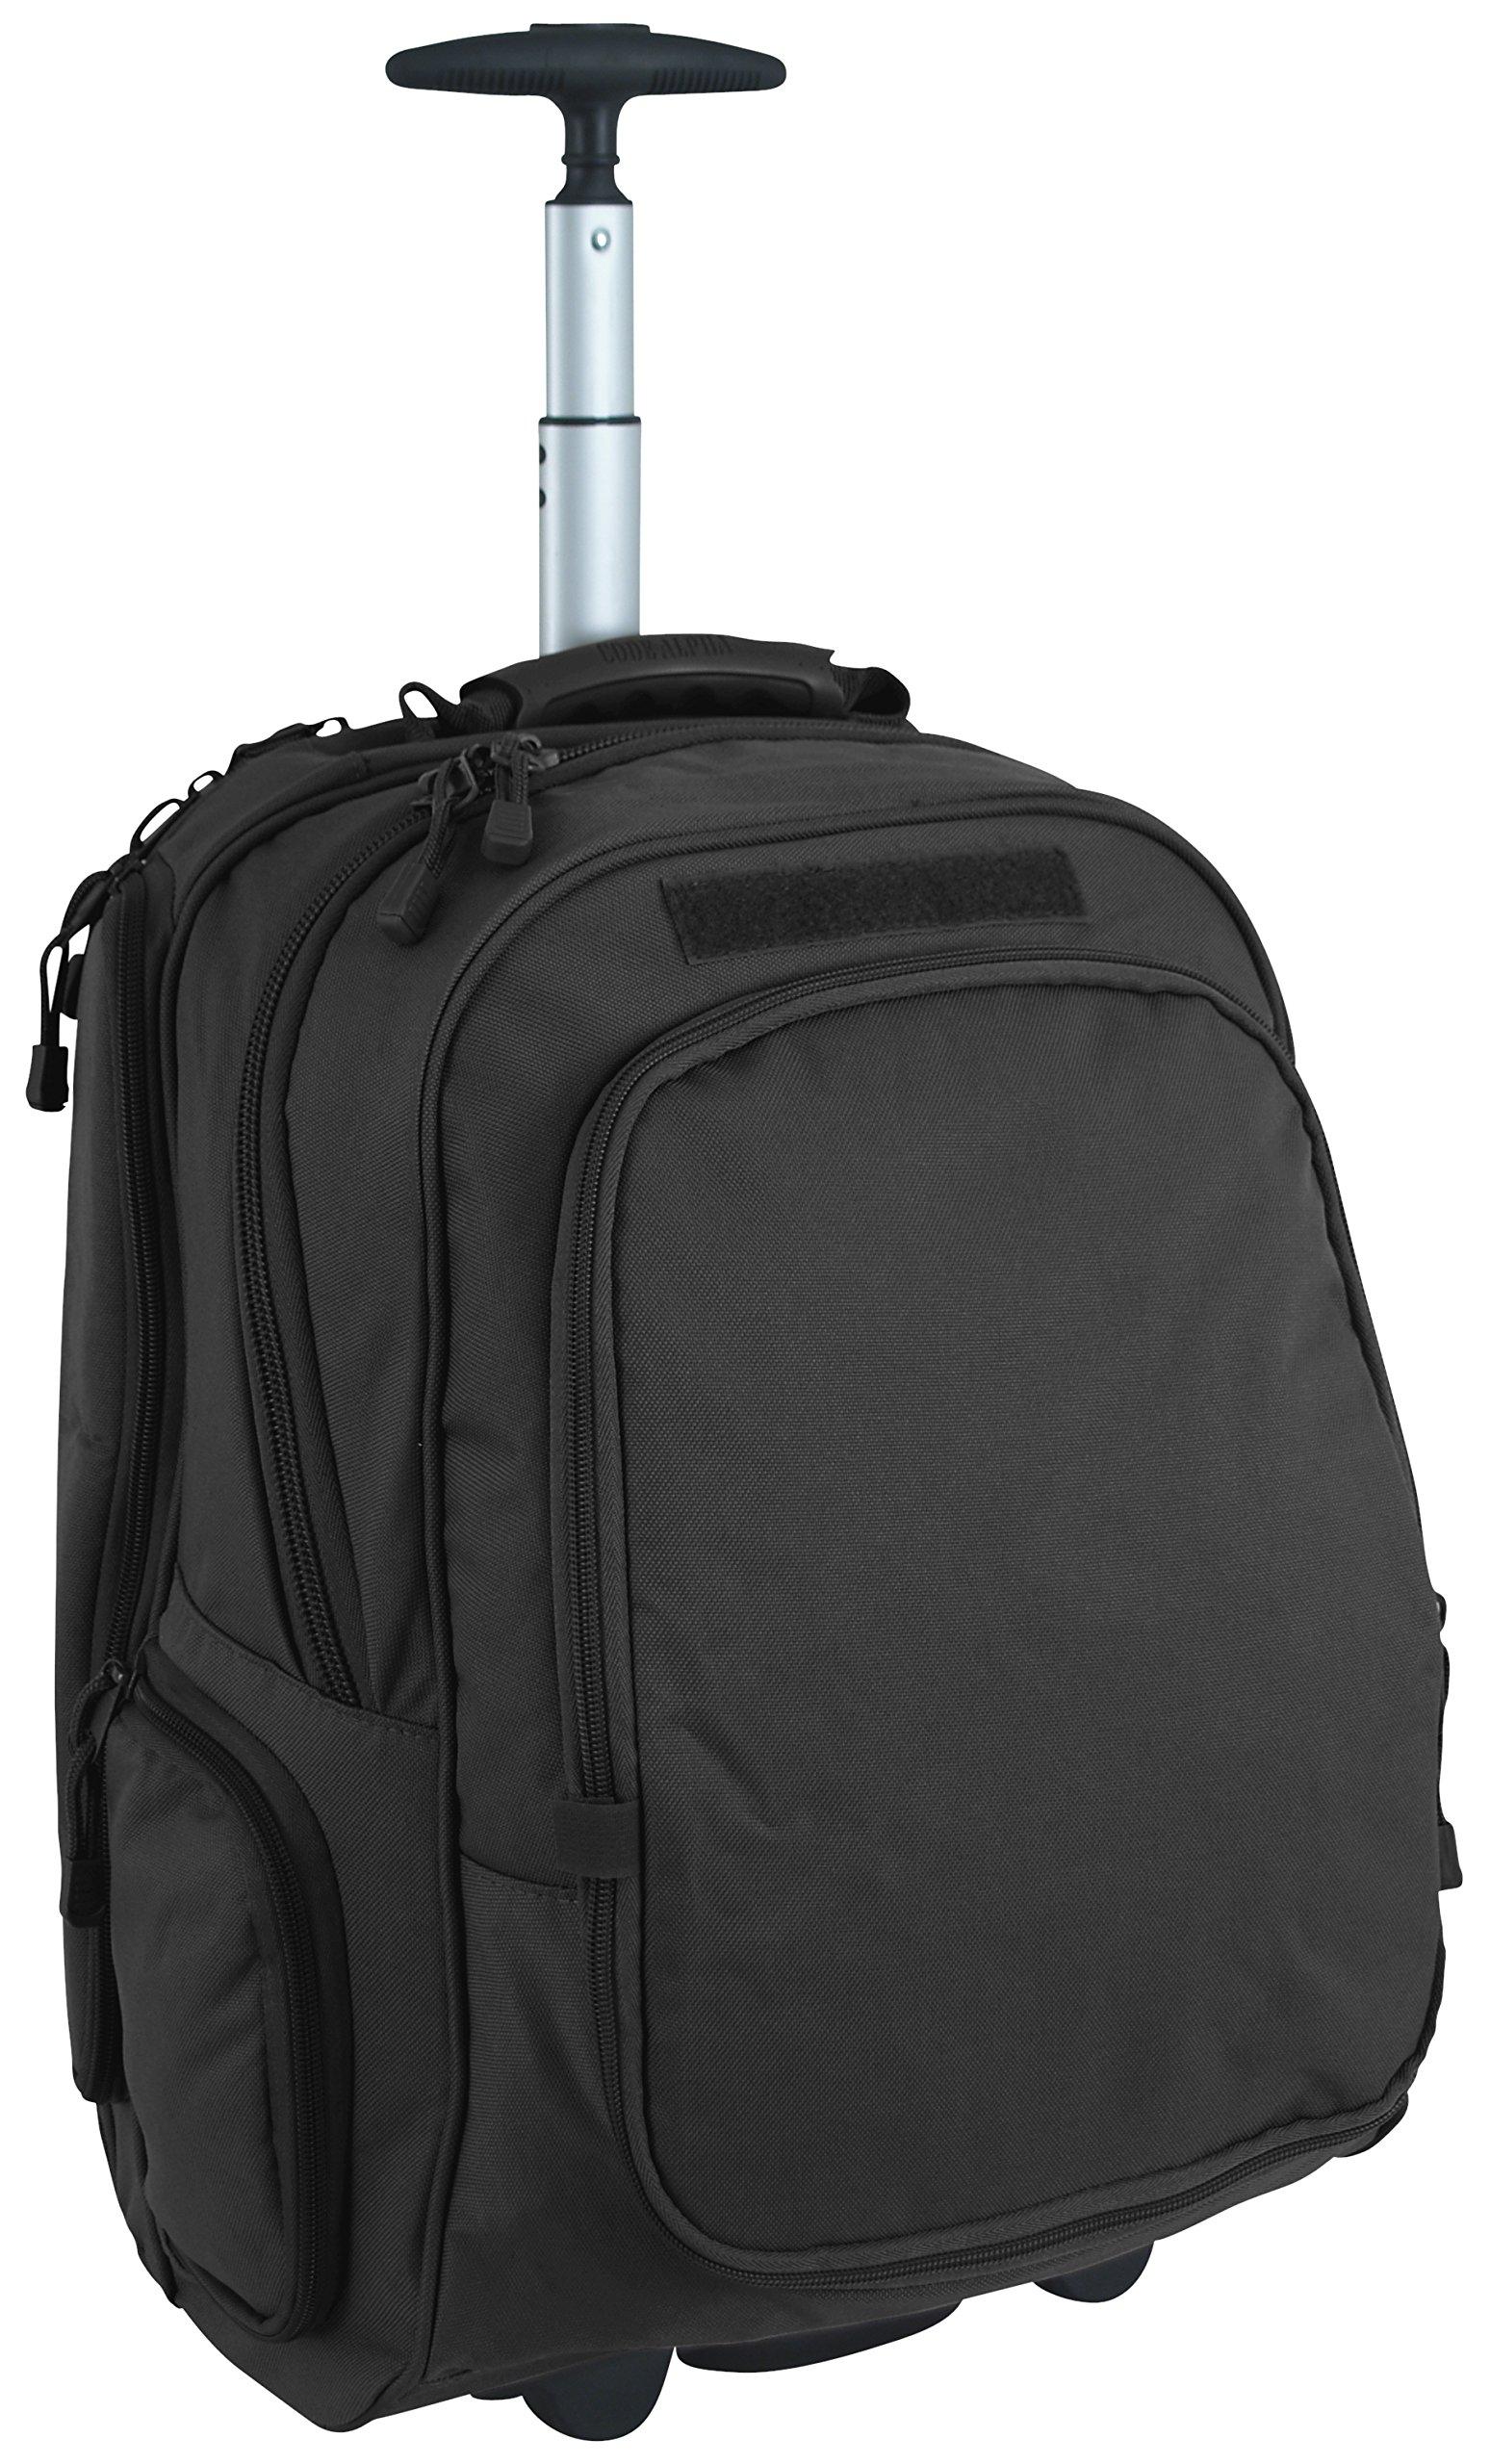 Mercury Wheeled Case 15 Laptop Backpack, Black, One Size by MERCURY